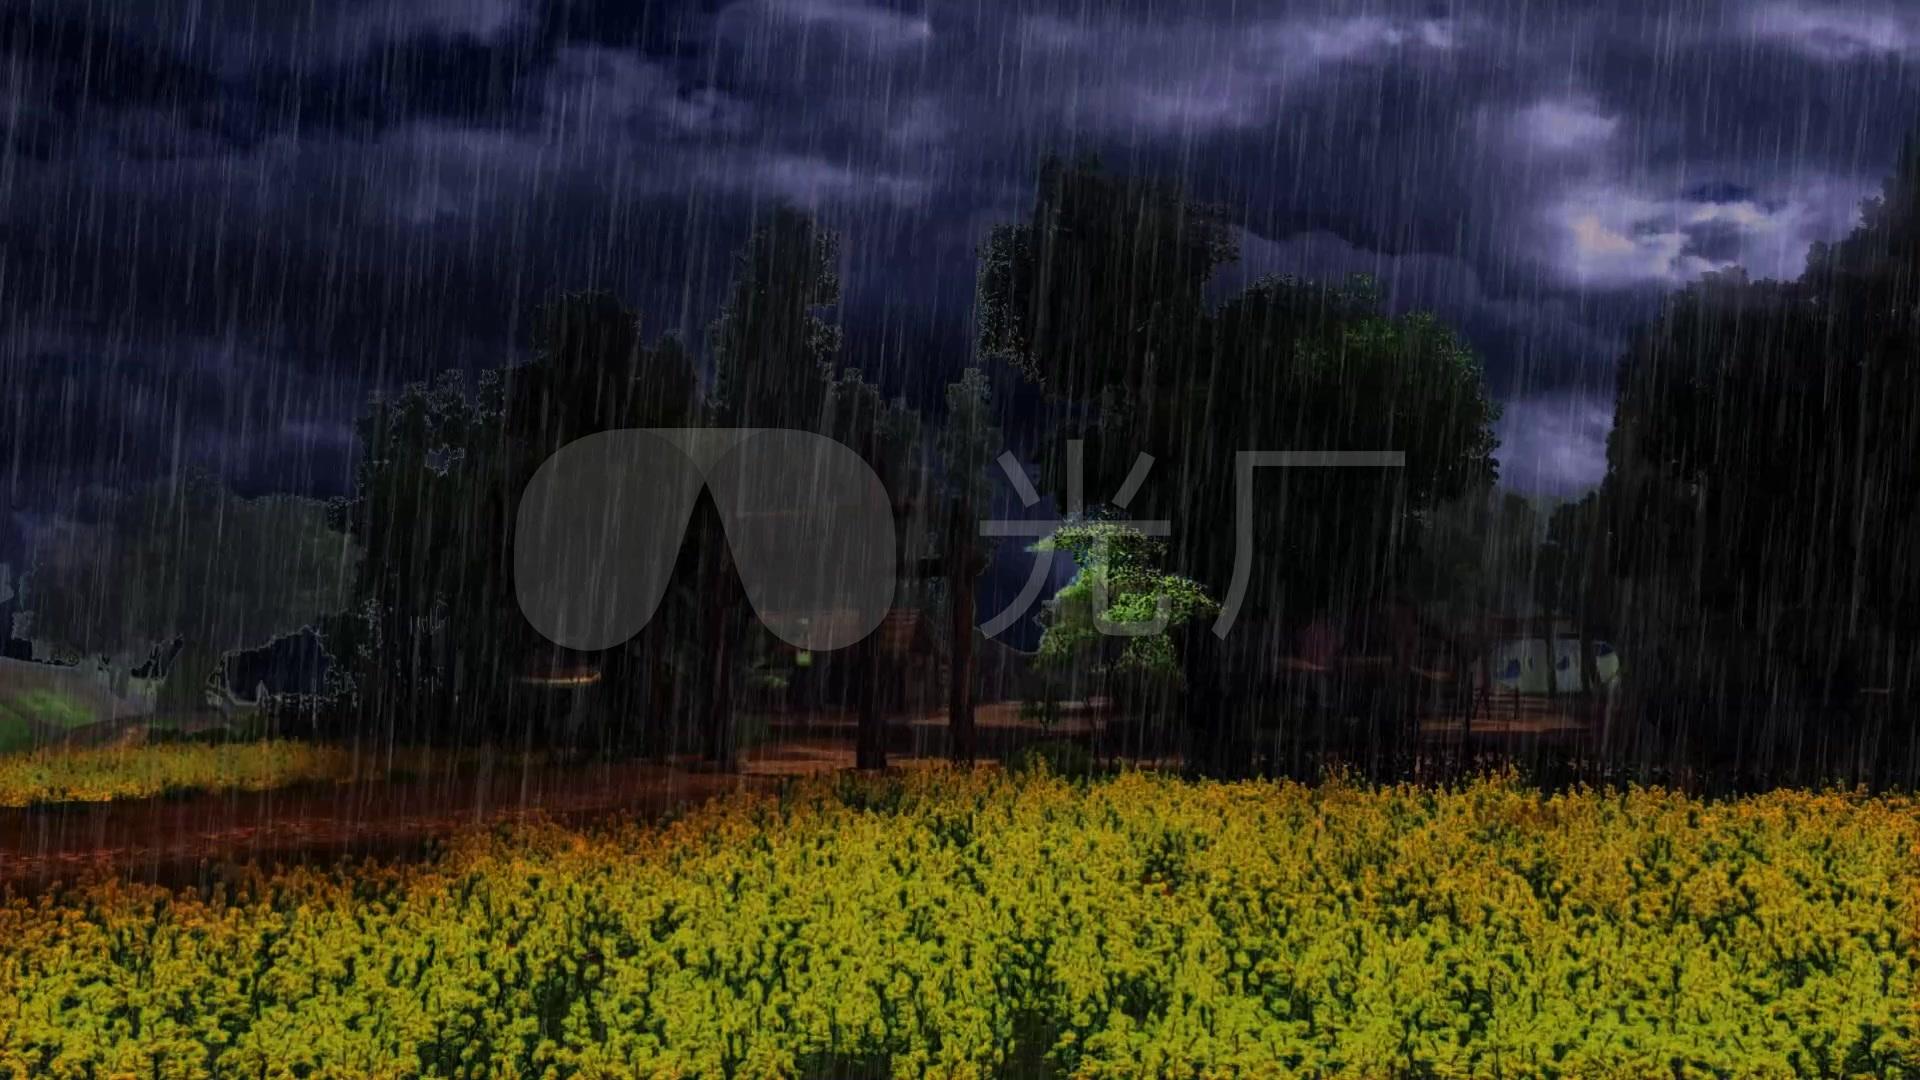 村口下雨_1920x1080_高清视频素材下载(编号:2043281)